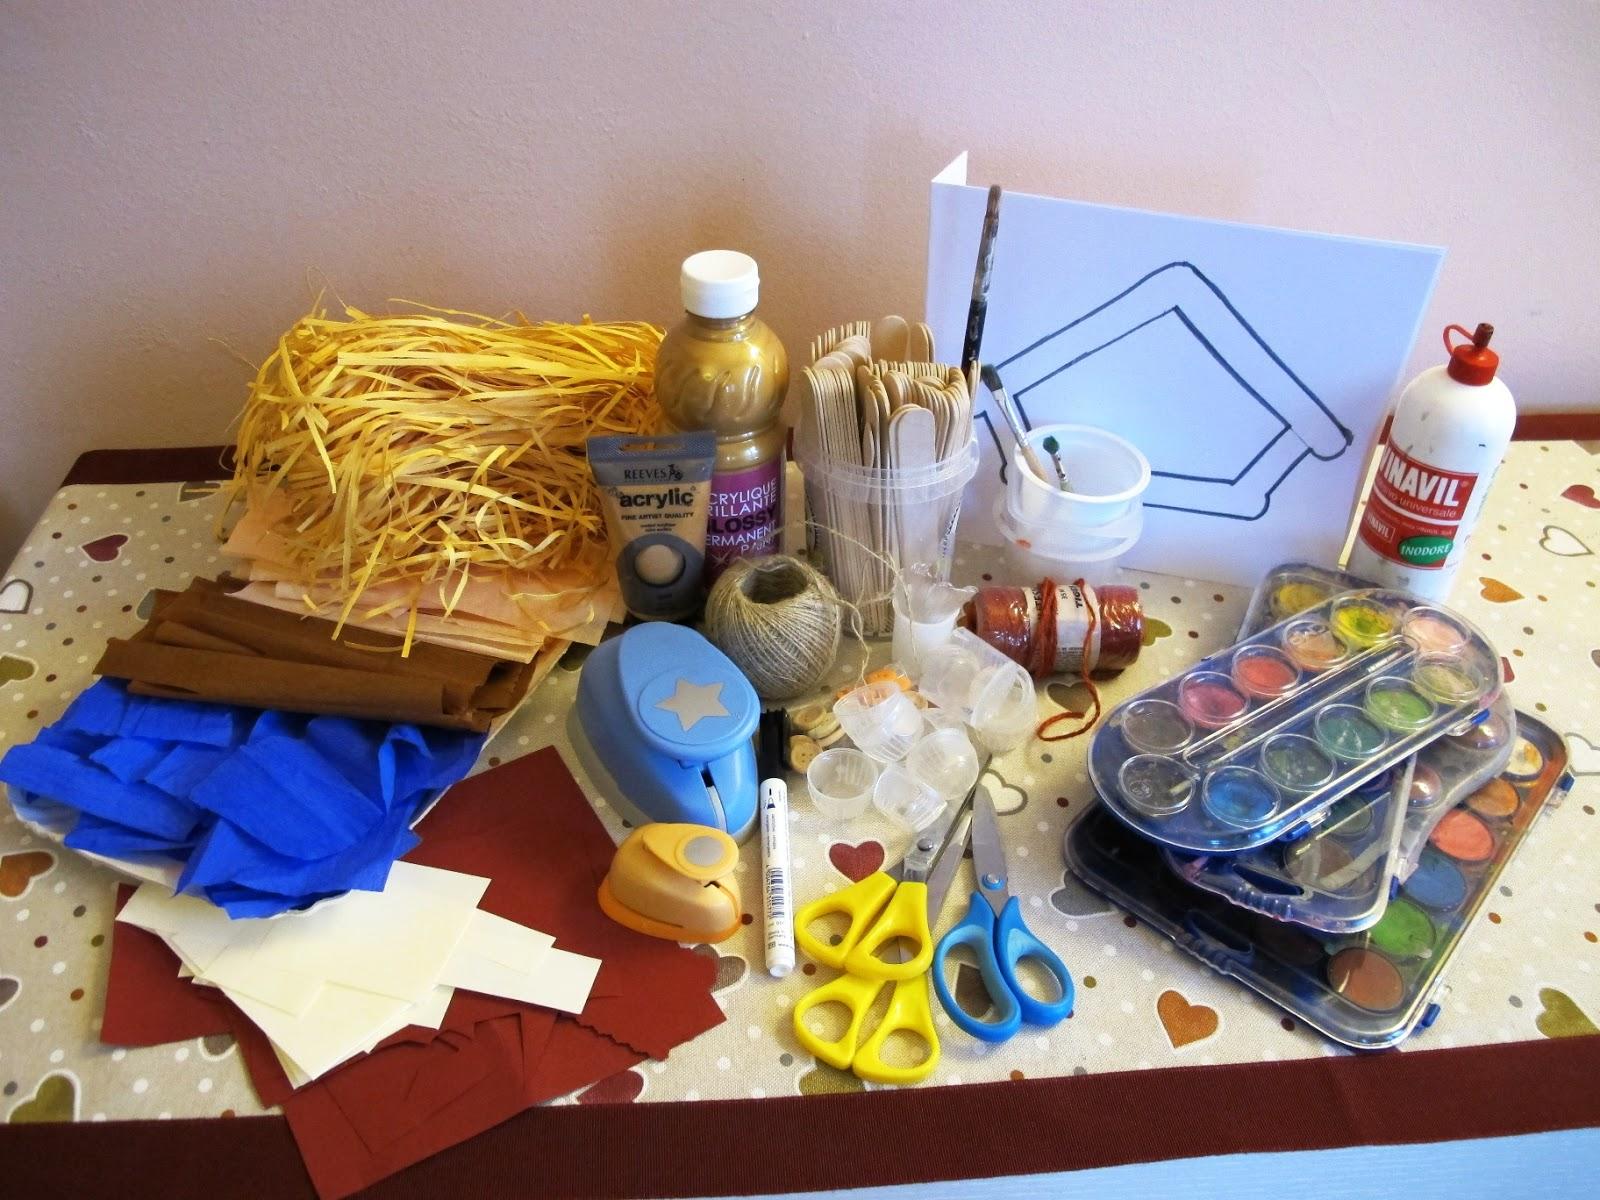 Presepe Con Bastoncini Di Legno : Angolino di liana laboratorio creativo presepe bastoncini